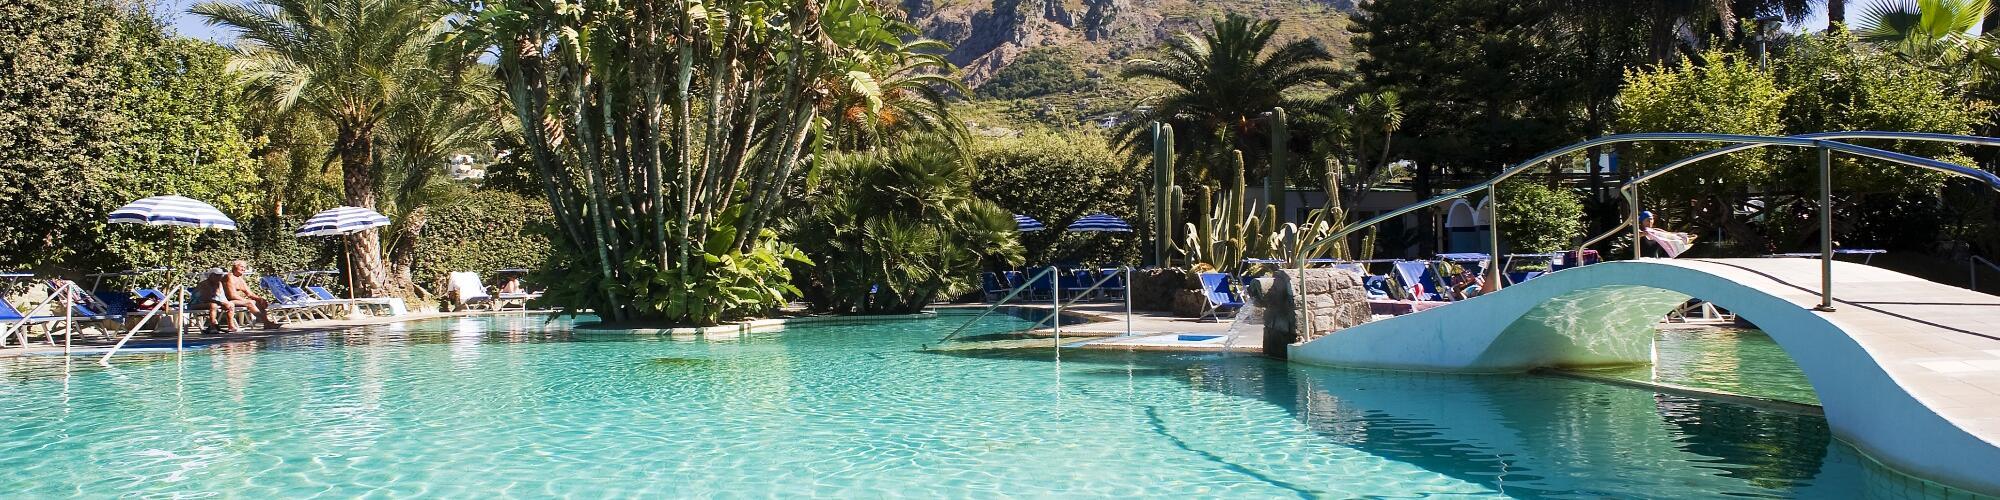 Neue Entspannung und Wellness Paket auf Ischia !